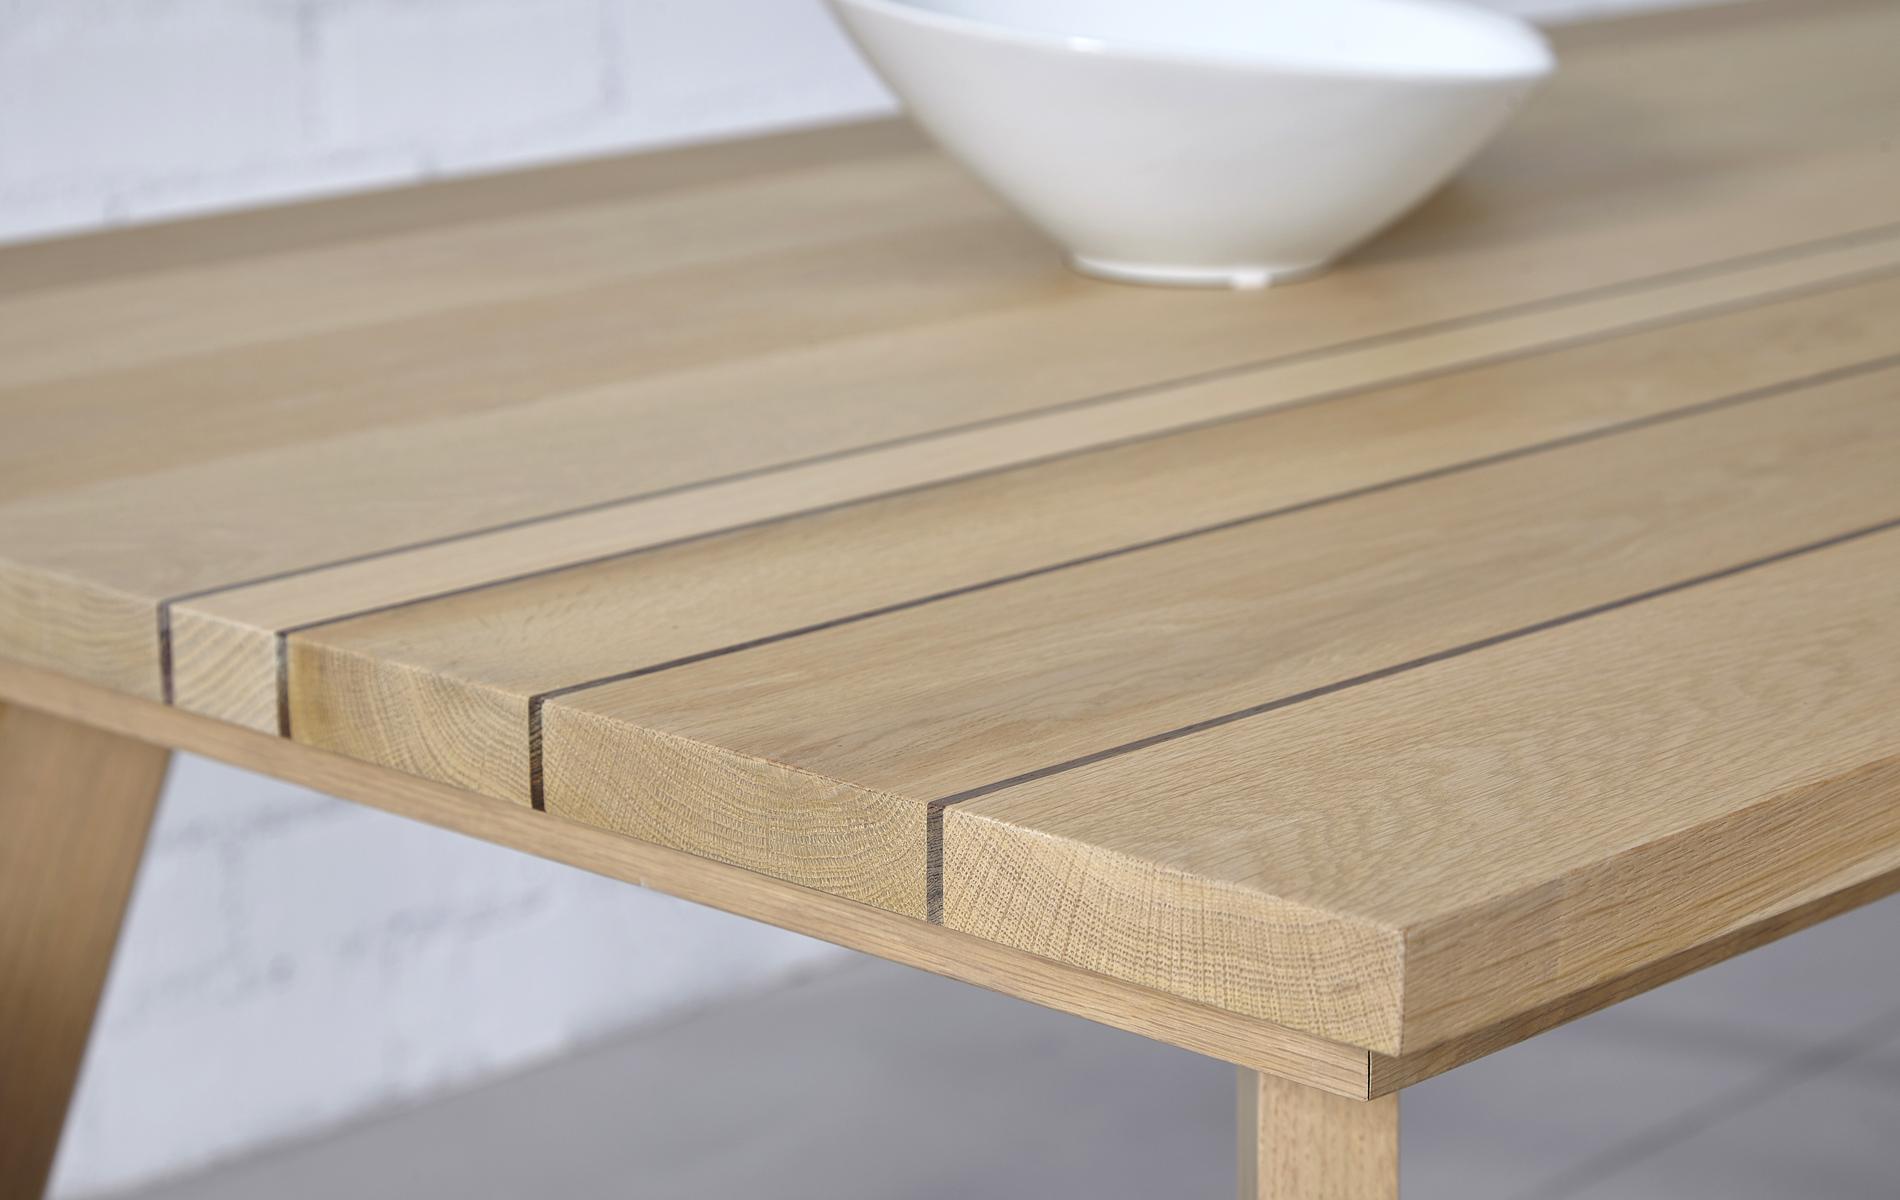 Mesa comedor roble de estilo nordico tienda online mueble for Mesa comedor estilo escandinavo